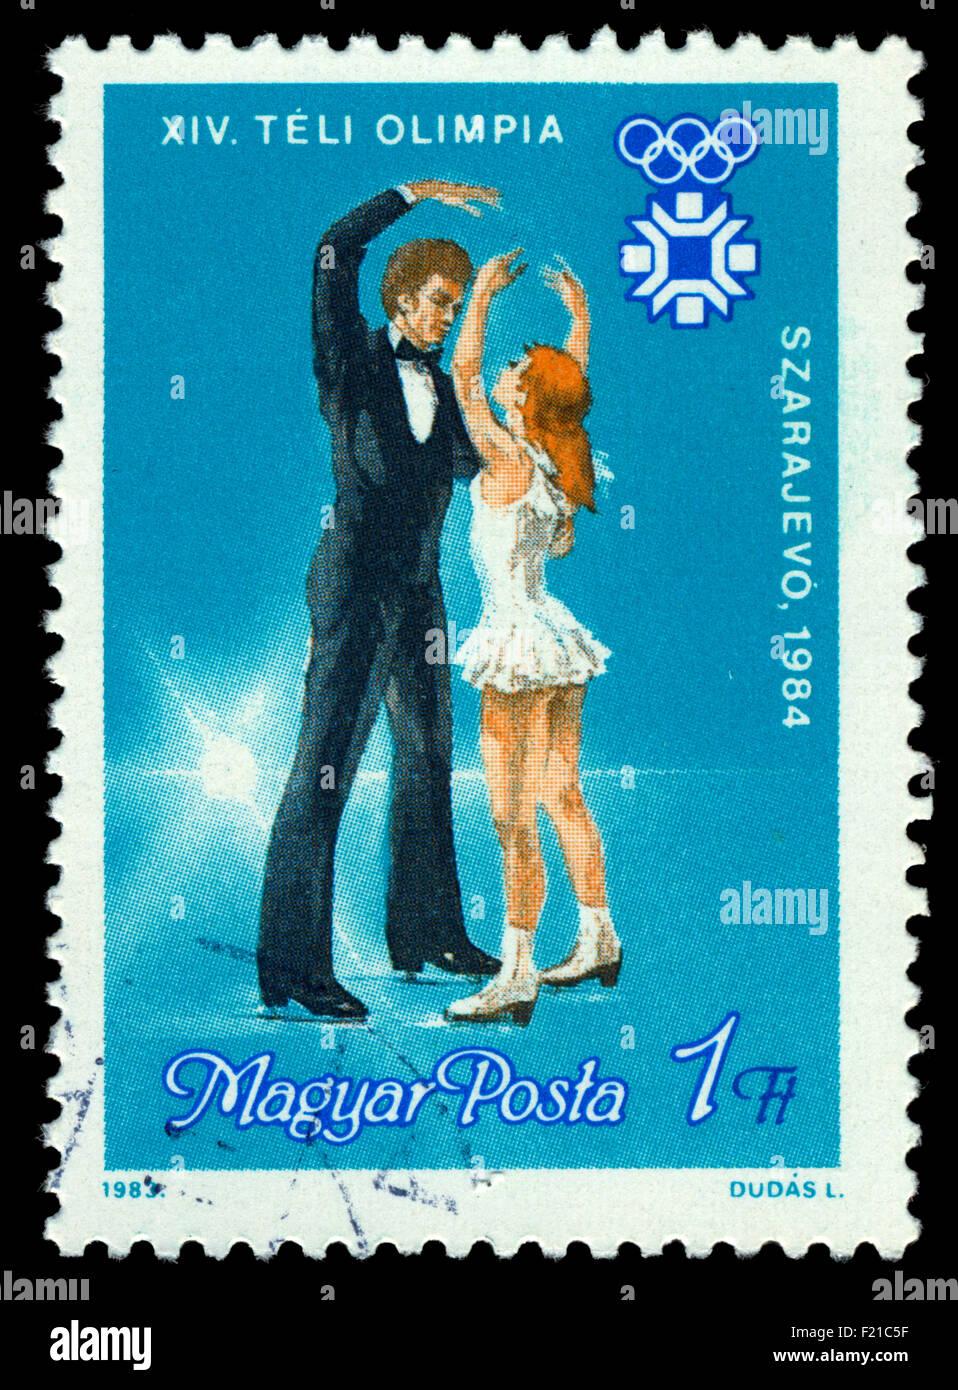 Figure Skating, Magyar Posta Stamp - 1983 - Stock Image